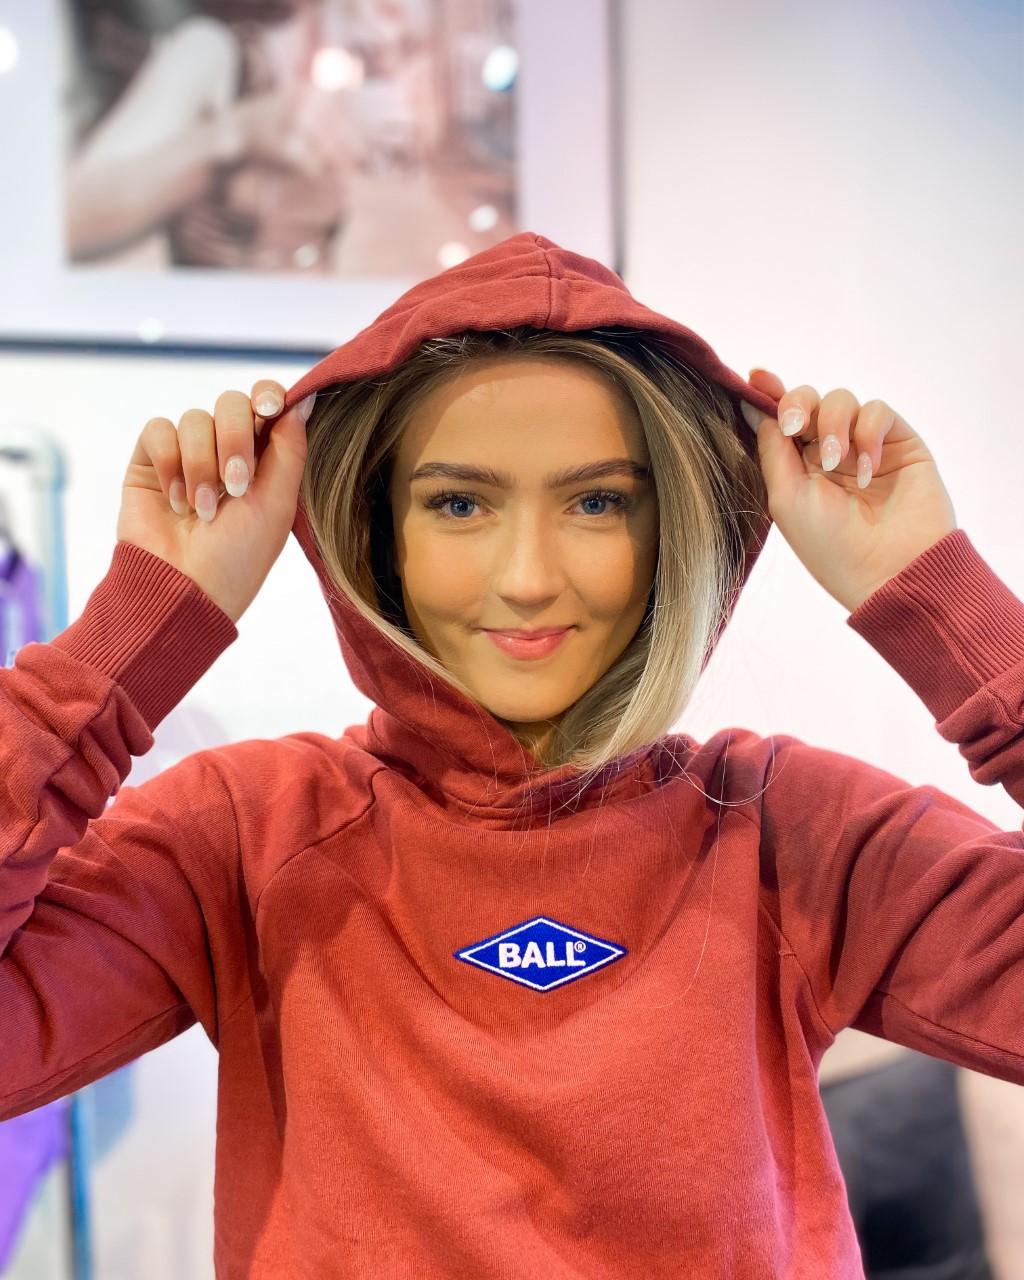 Ball Rimini hoodie Bourdeaux